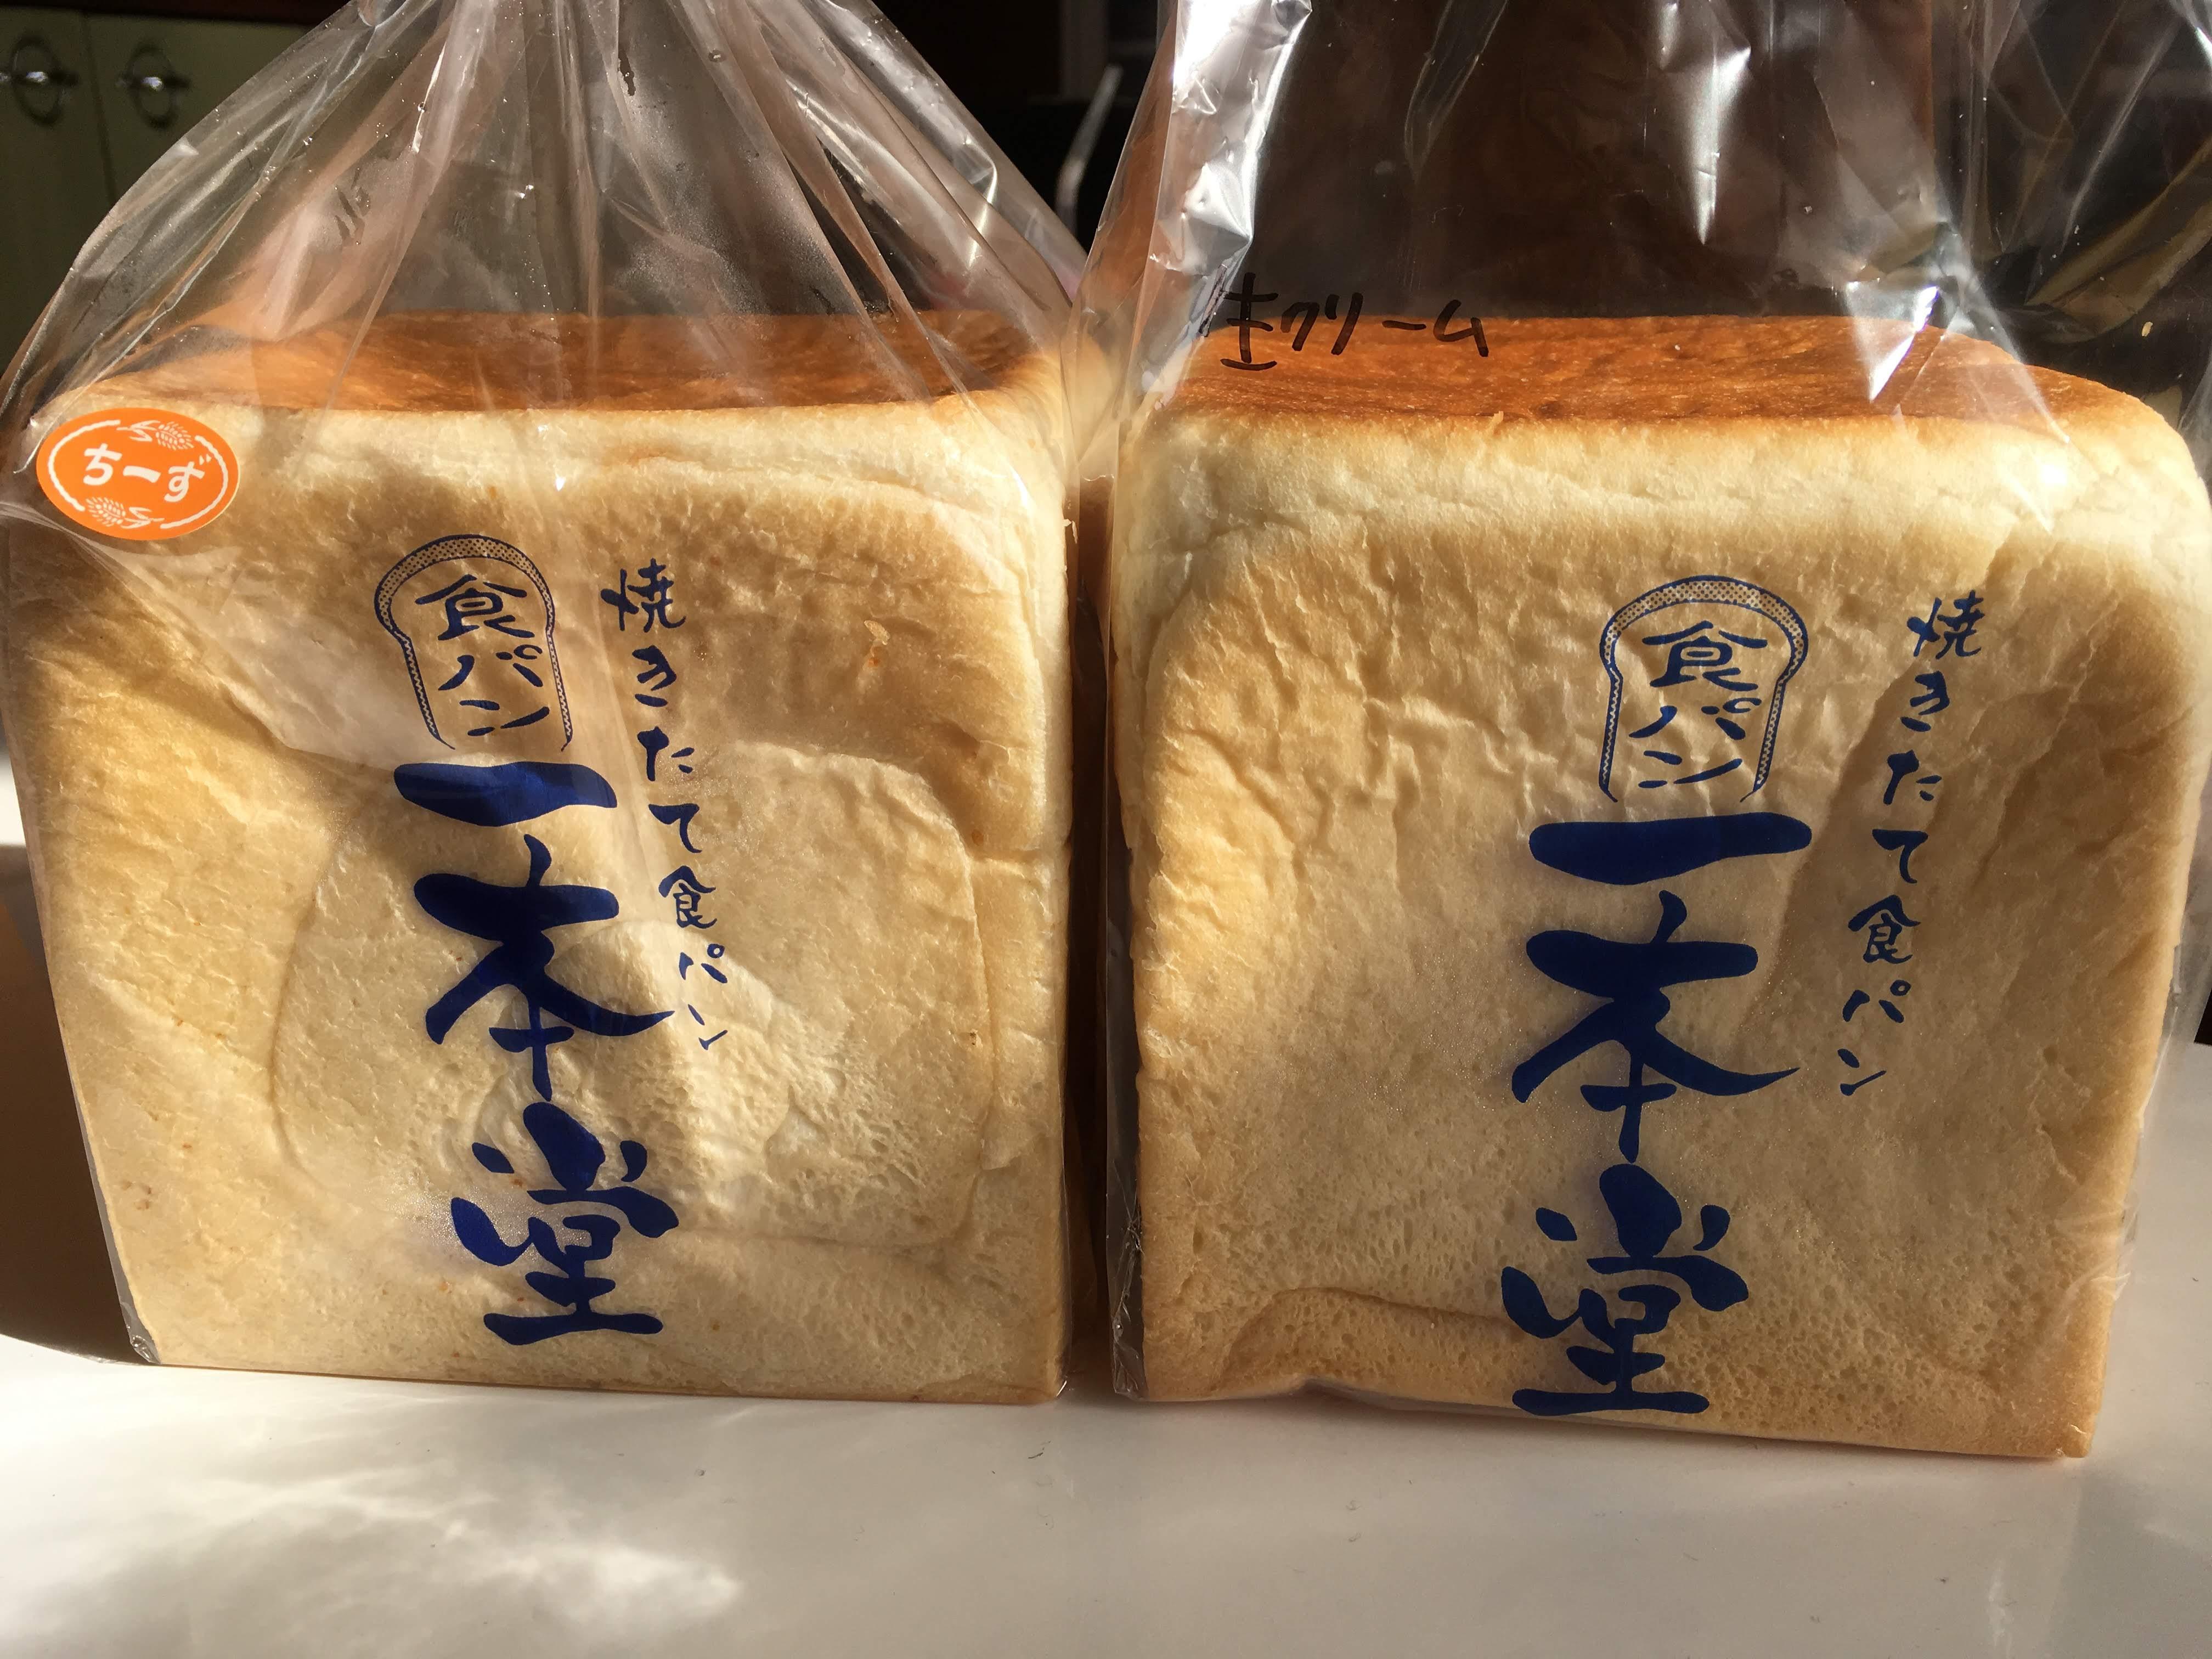 一本堂食パンを食べ比べてみた。おすすめ食パンはこれ!